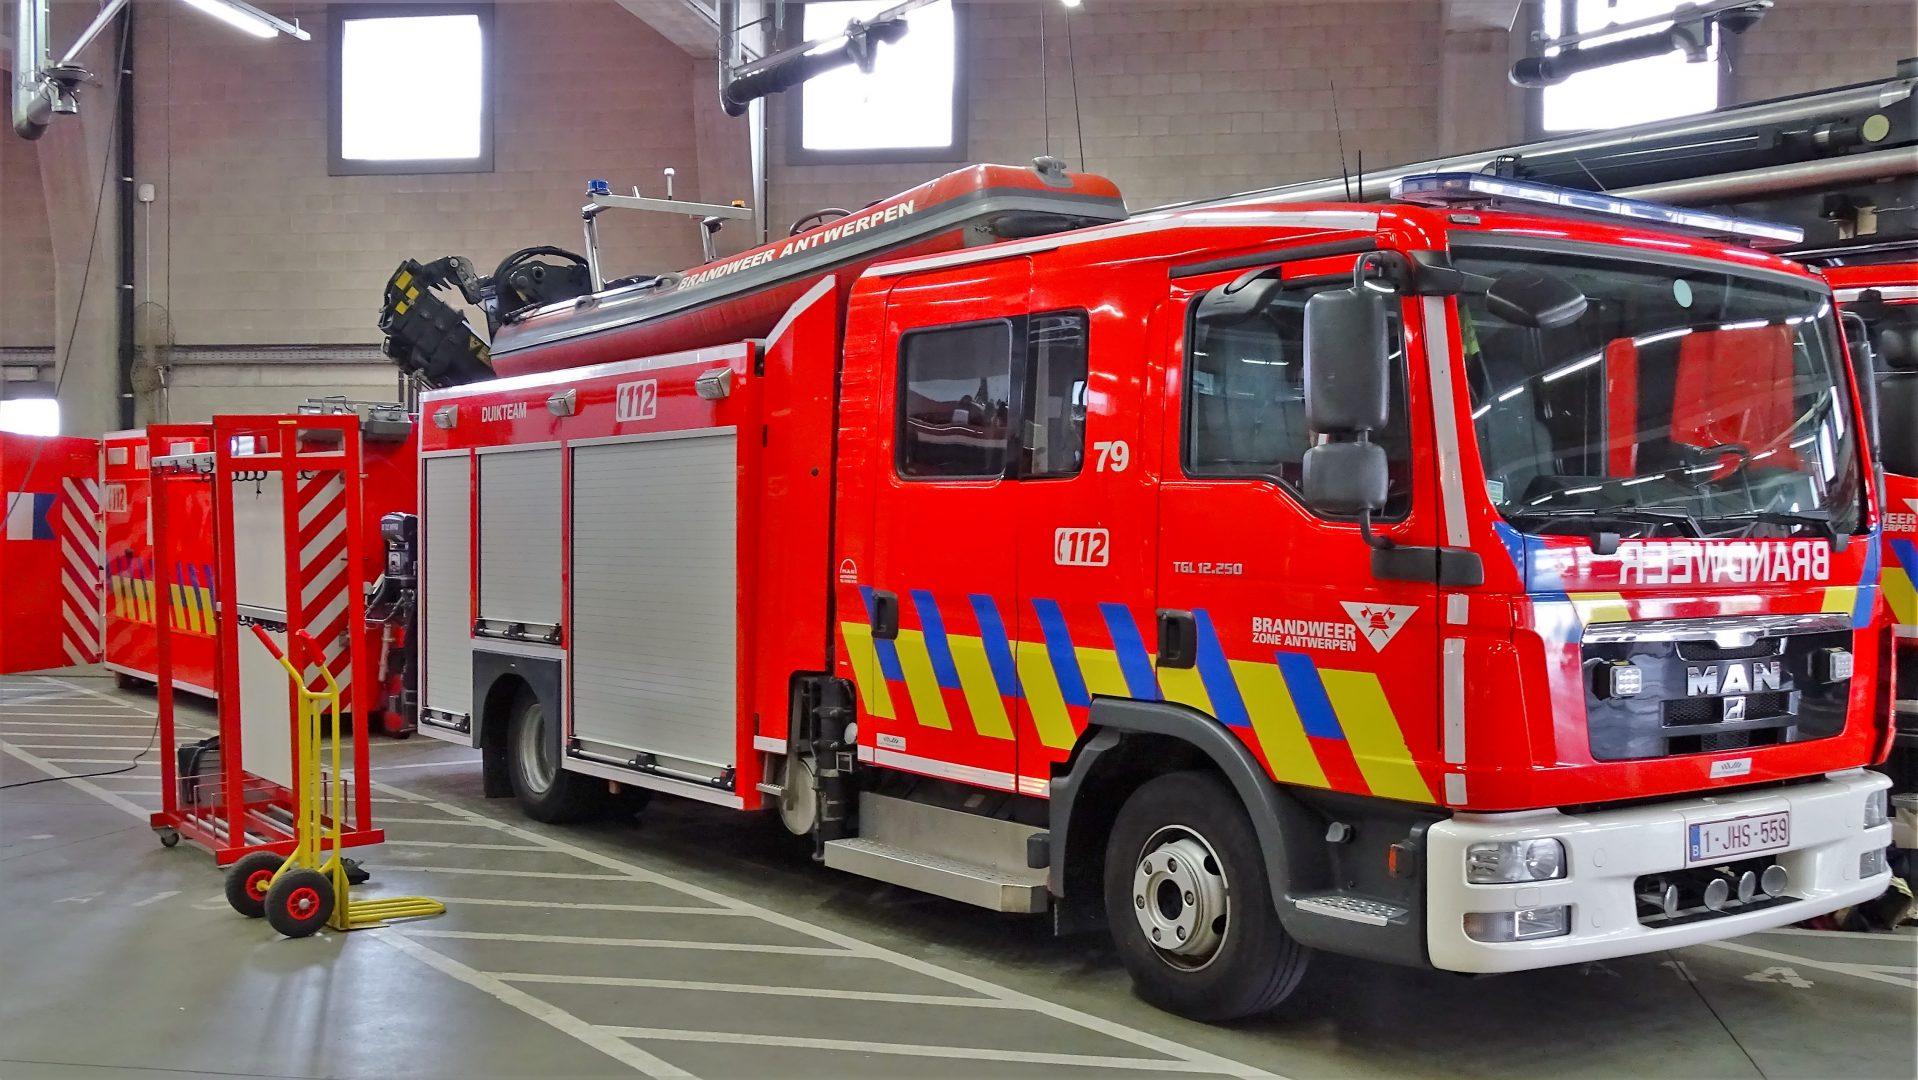 Duikers / bootwagen Antwerpen